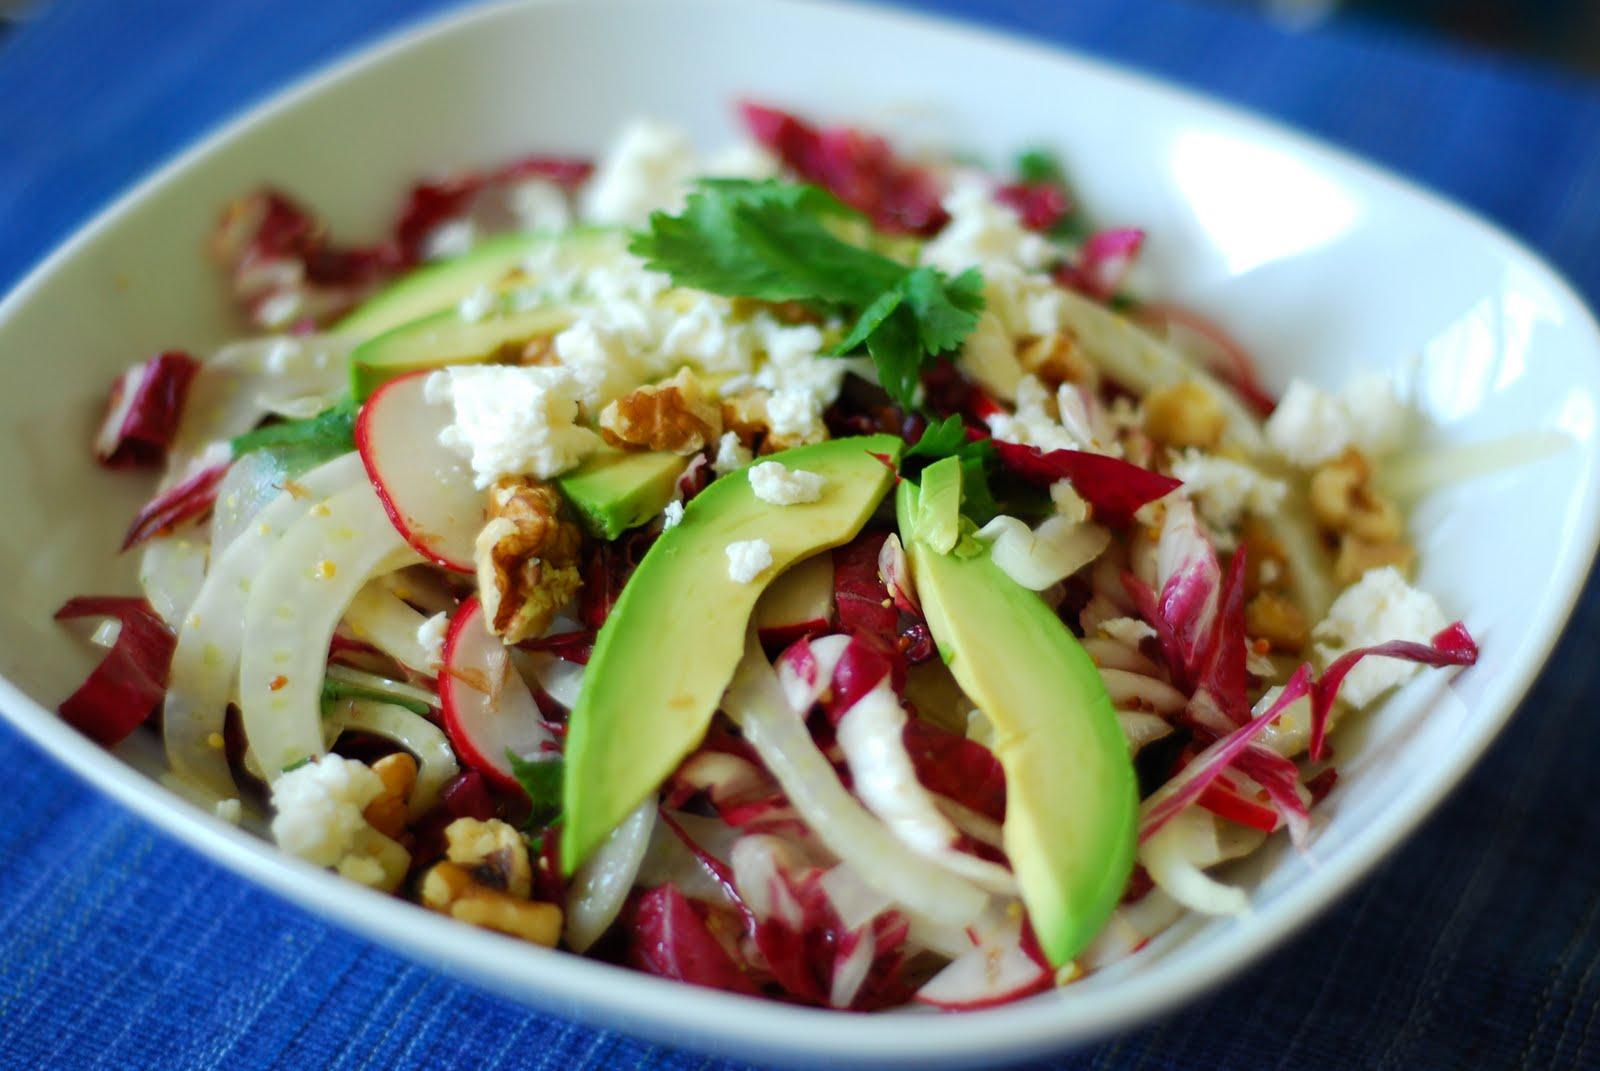 Le granola pic salade de fenouil radis et radicchio avec avocat et feta - Quand cueillir les radis ...